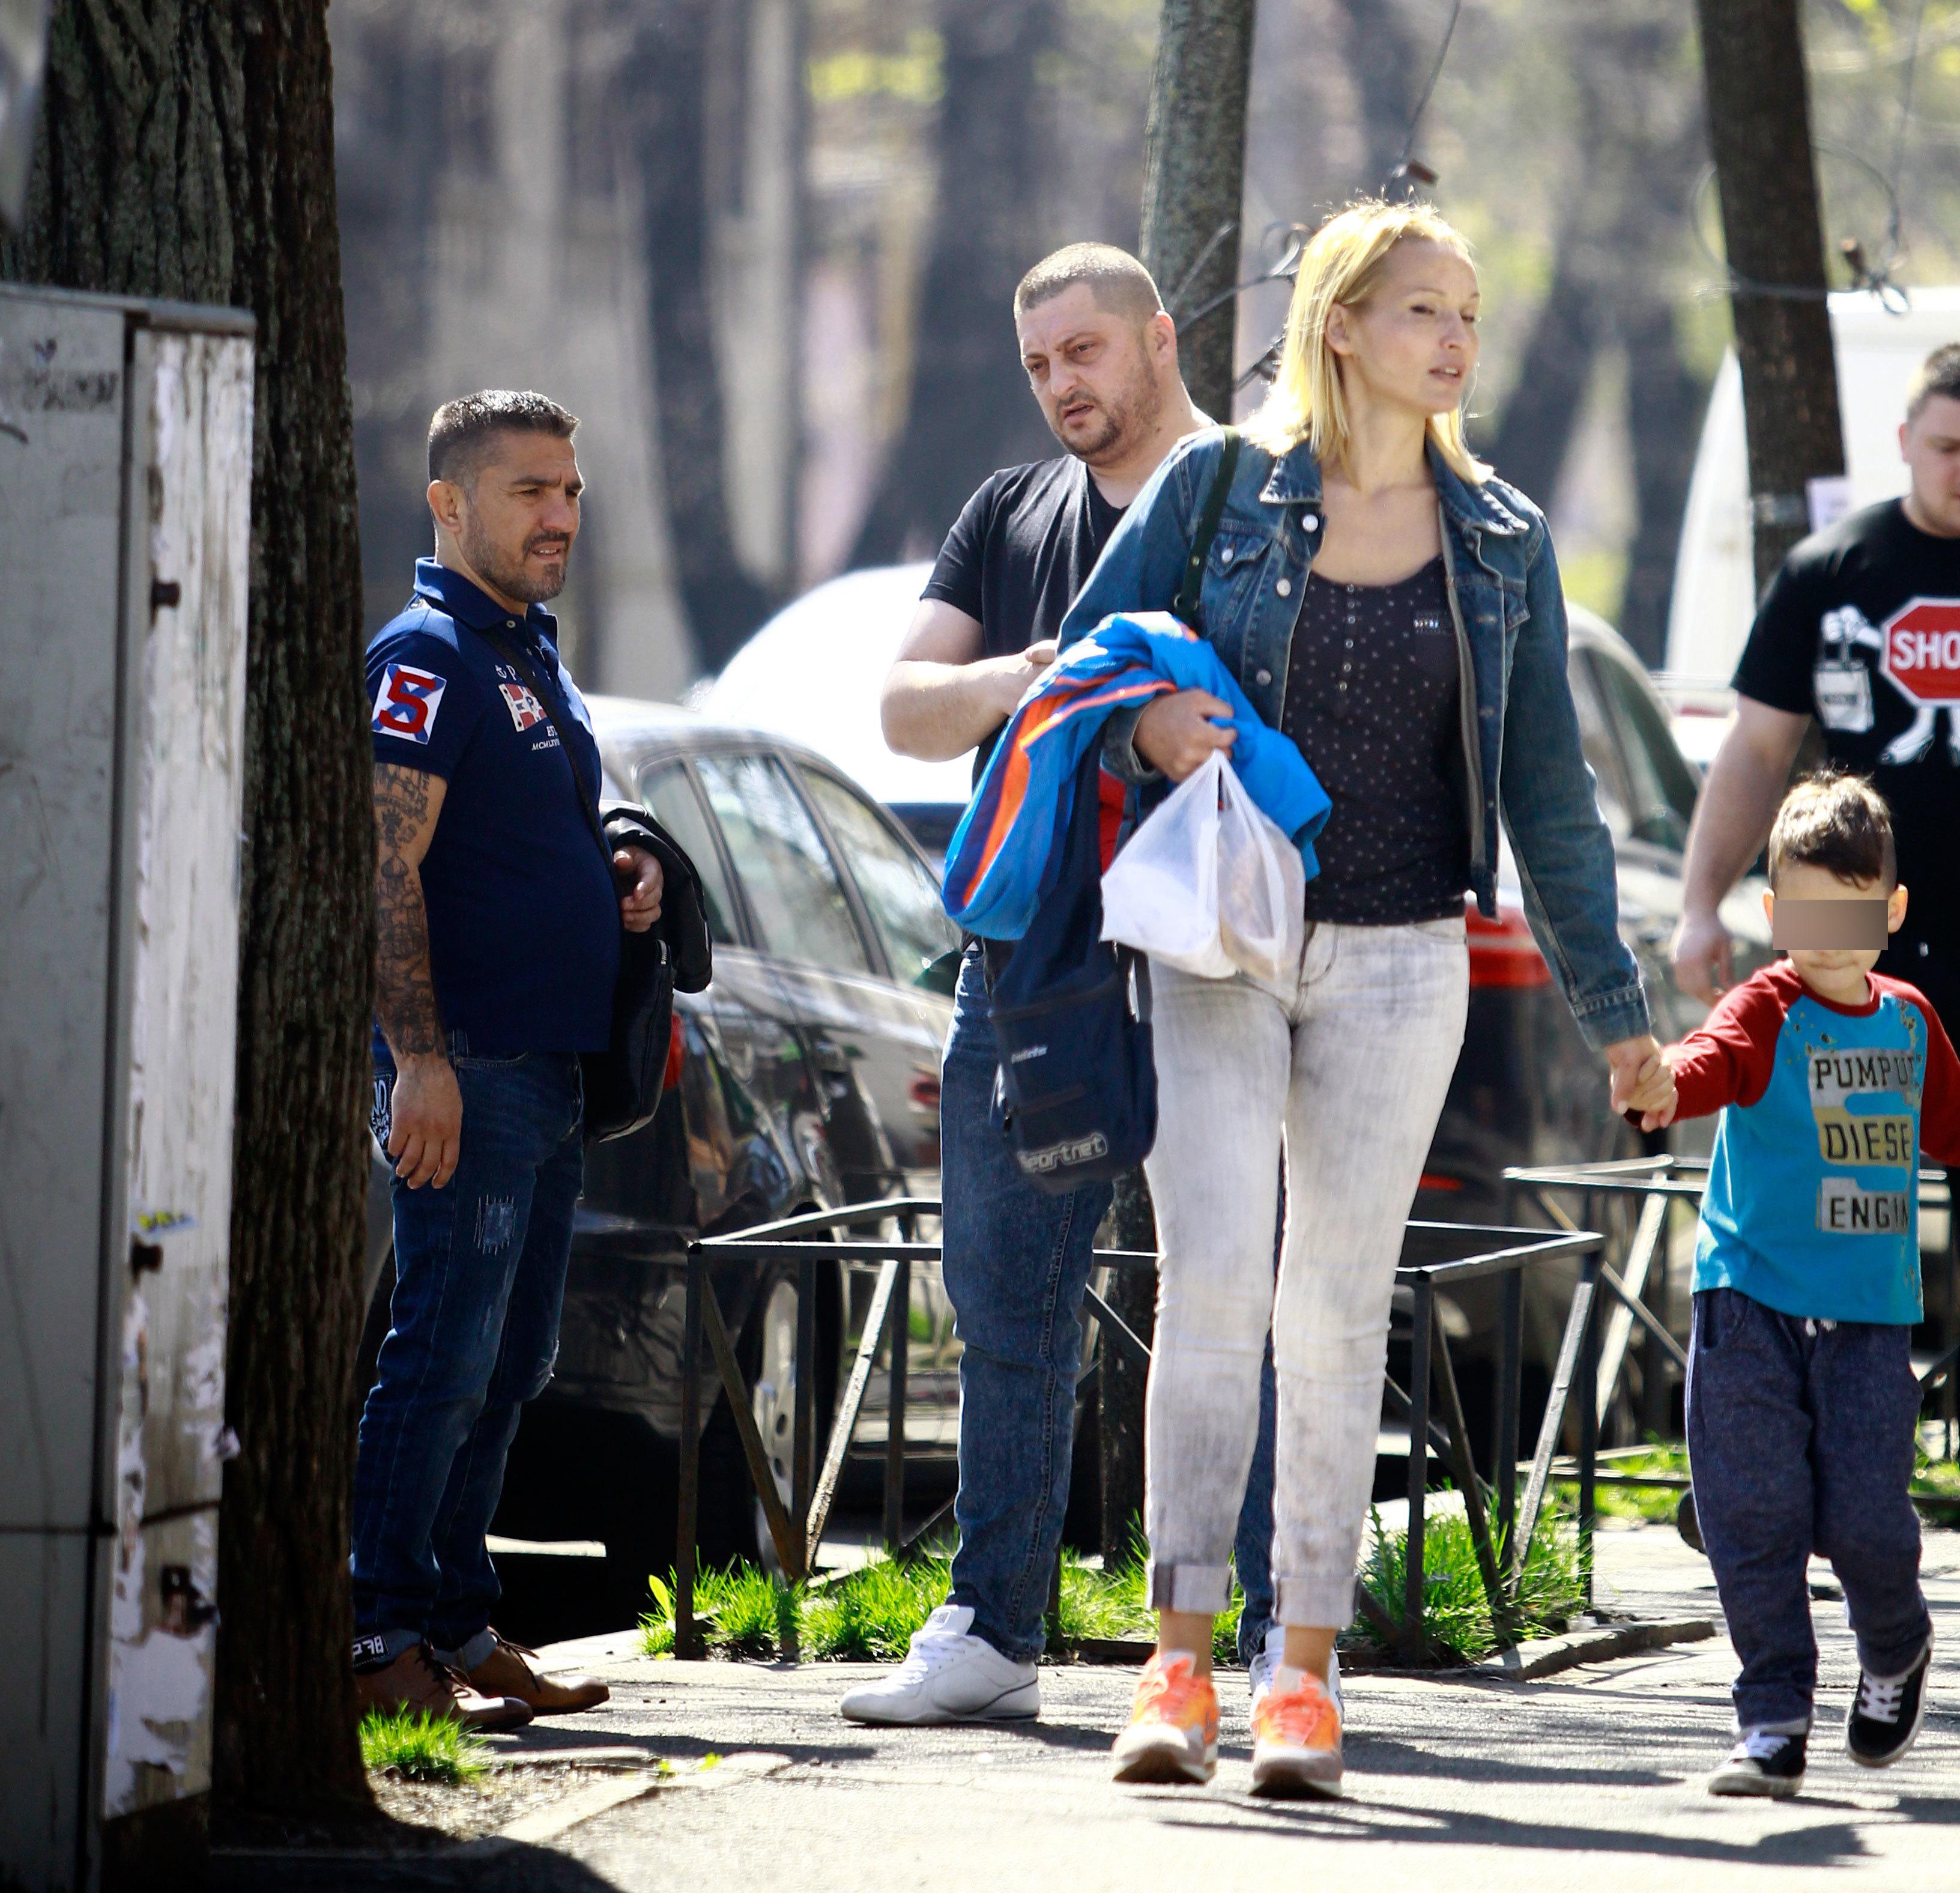 Costel şi-a sucit gâtul după o doamnă blondă, cu copil